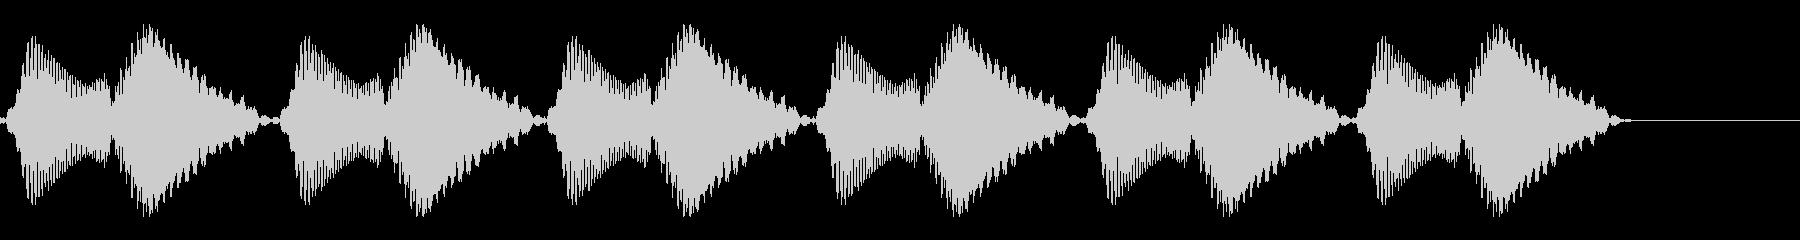 ブブブブブブ(携帯・スマホのバイブ音)の未再生の波形